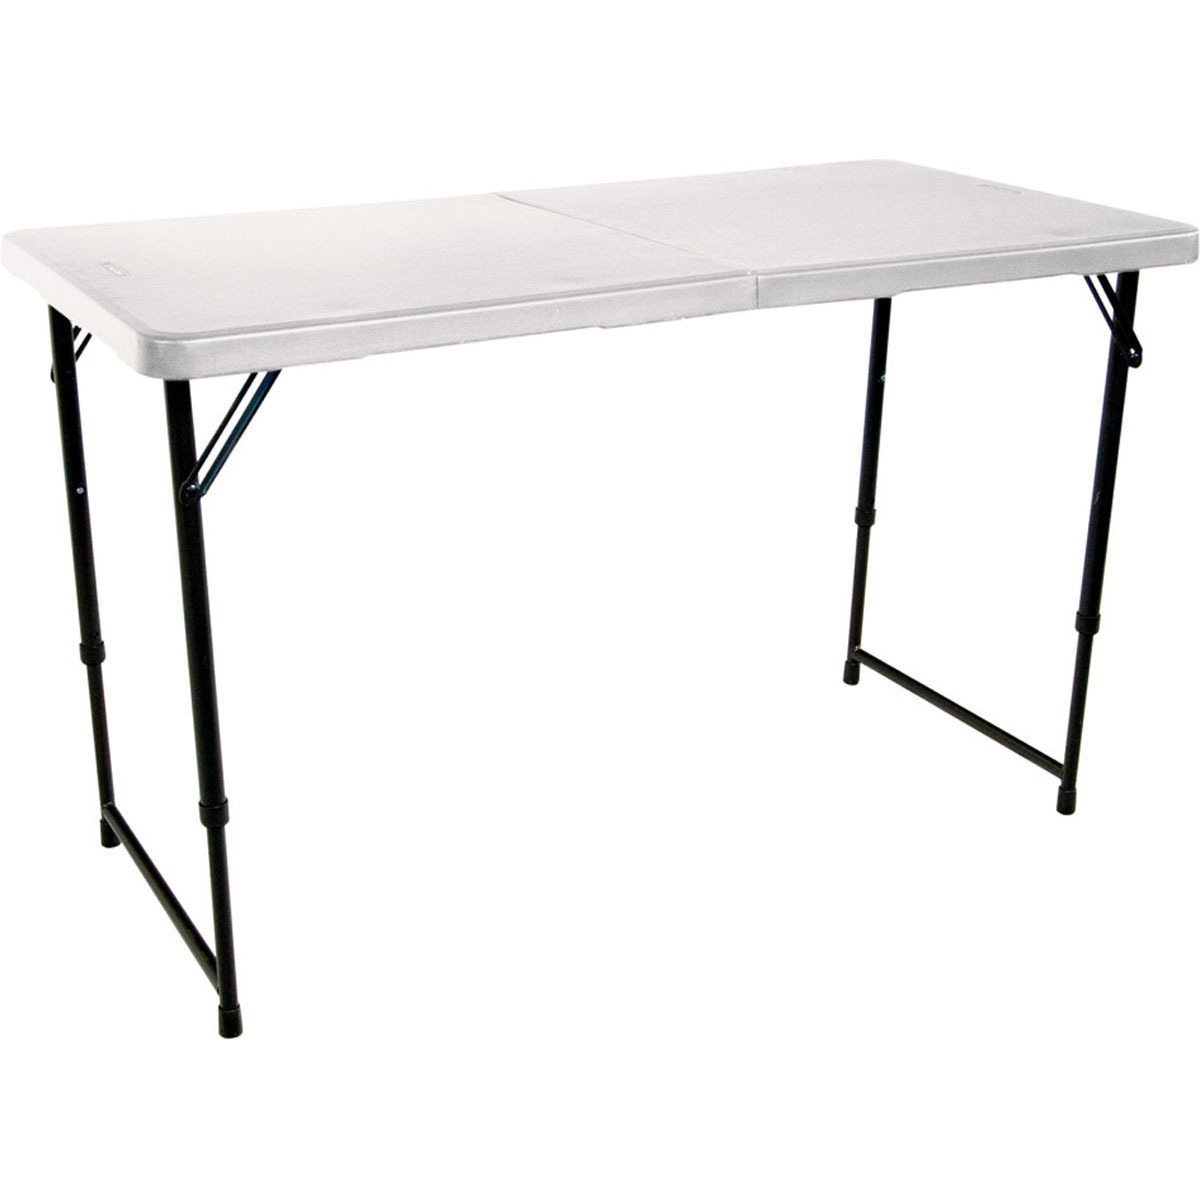 Lifetime 121cm Blow Mould Folding Table 1